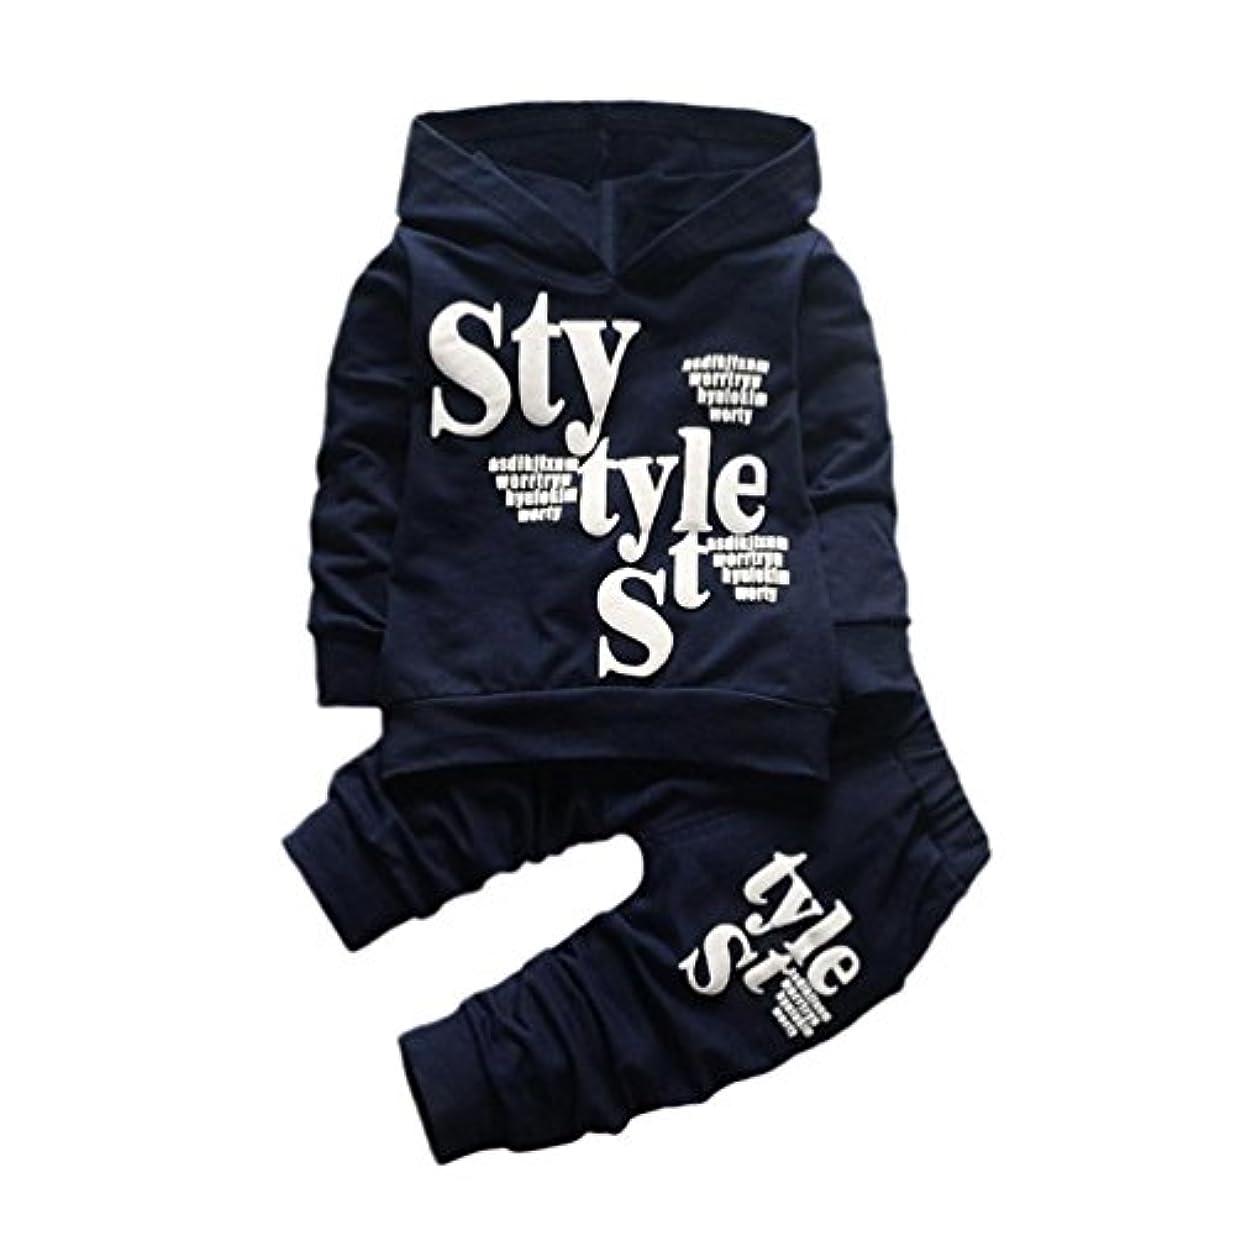 恒久的黒医師パーカー+ズボン Tシャツ スウェット 子供服 赤ちゃん服 上着+パンツ2点セット かっこいい ベビー服 ロンパース カバーオール 男の子 女の子 ファッション